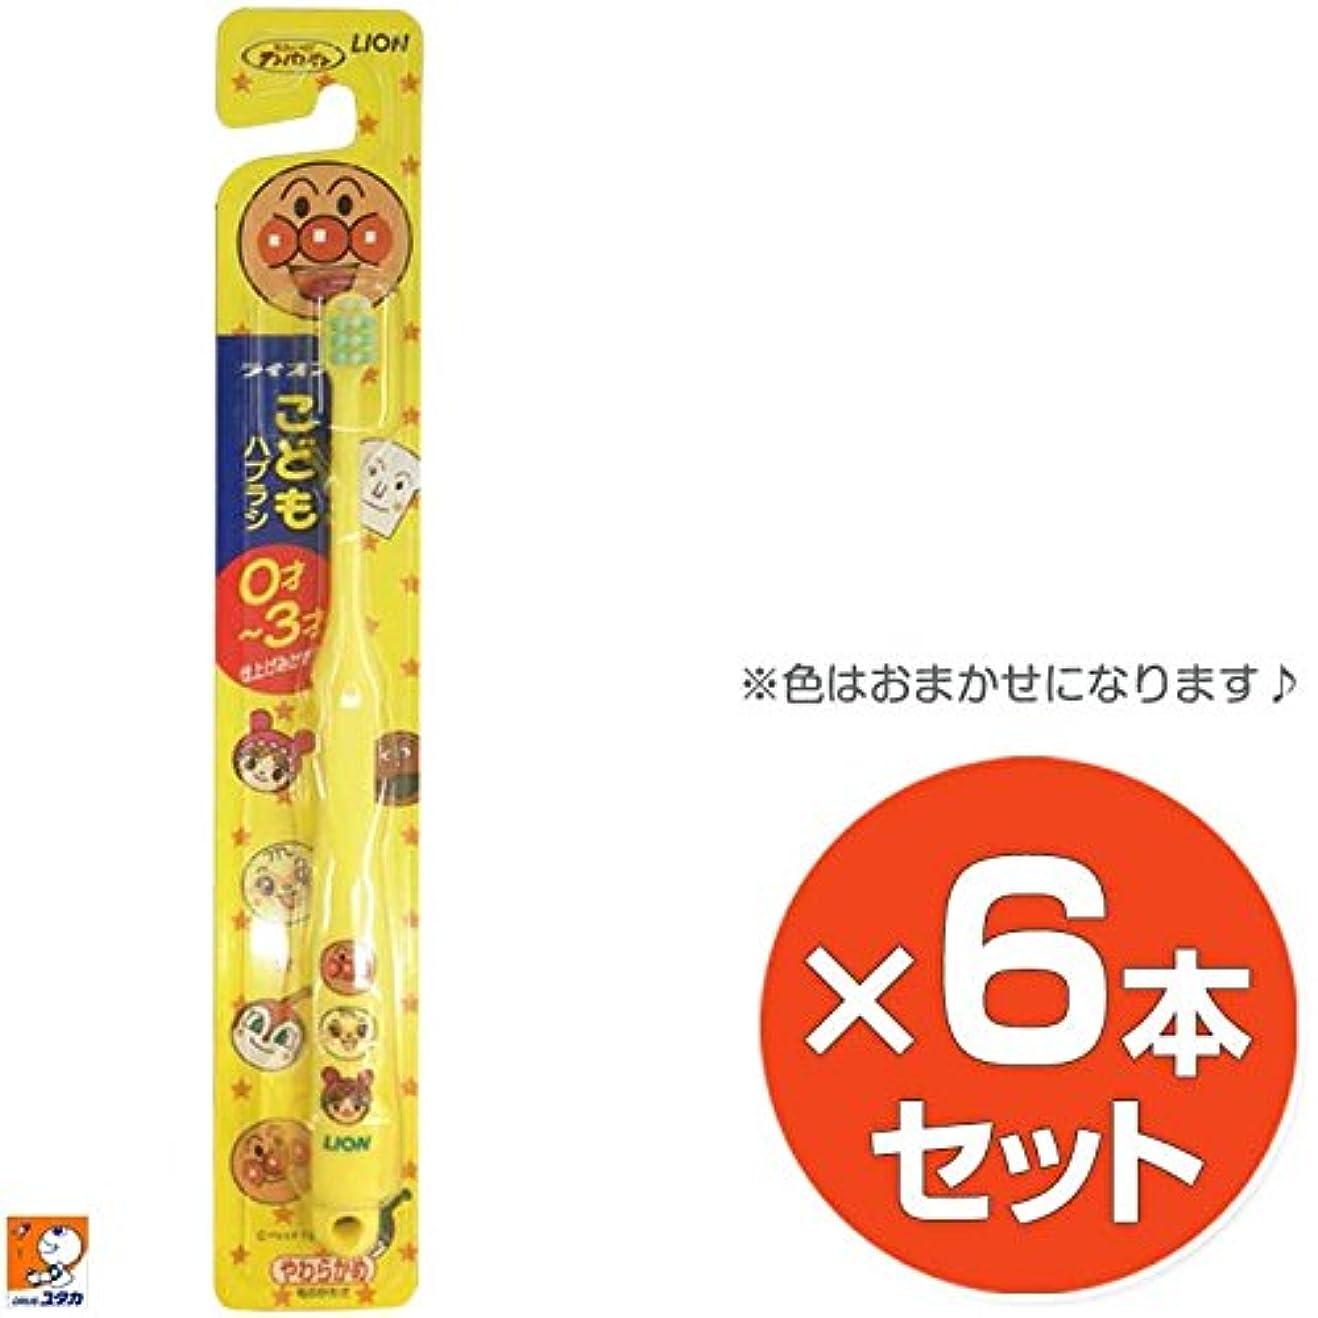 価格キロメートル耳ライオン こどもハブラシ 0-3才用(やわらかめ) 6本組(色おまかせ)